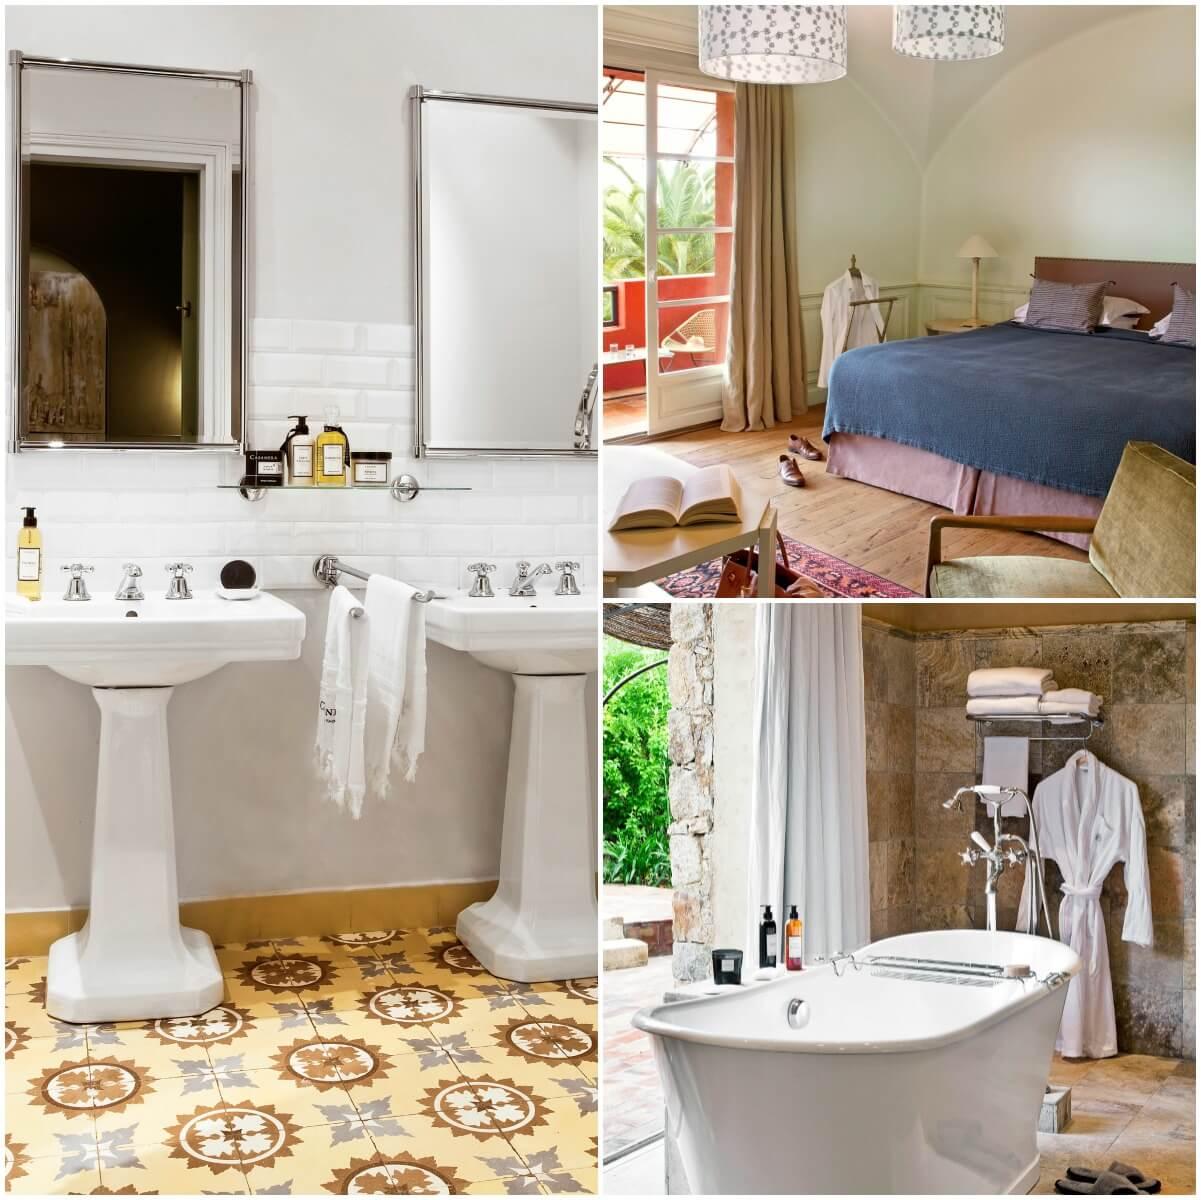 Chambre et salle de bain - Hôtel La Signoria - Calvi - Corse du sud